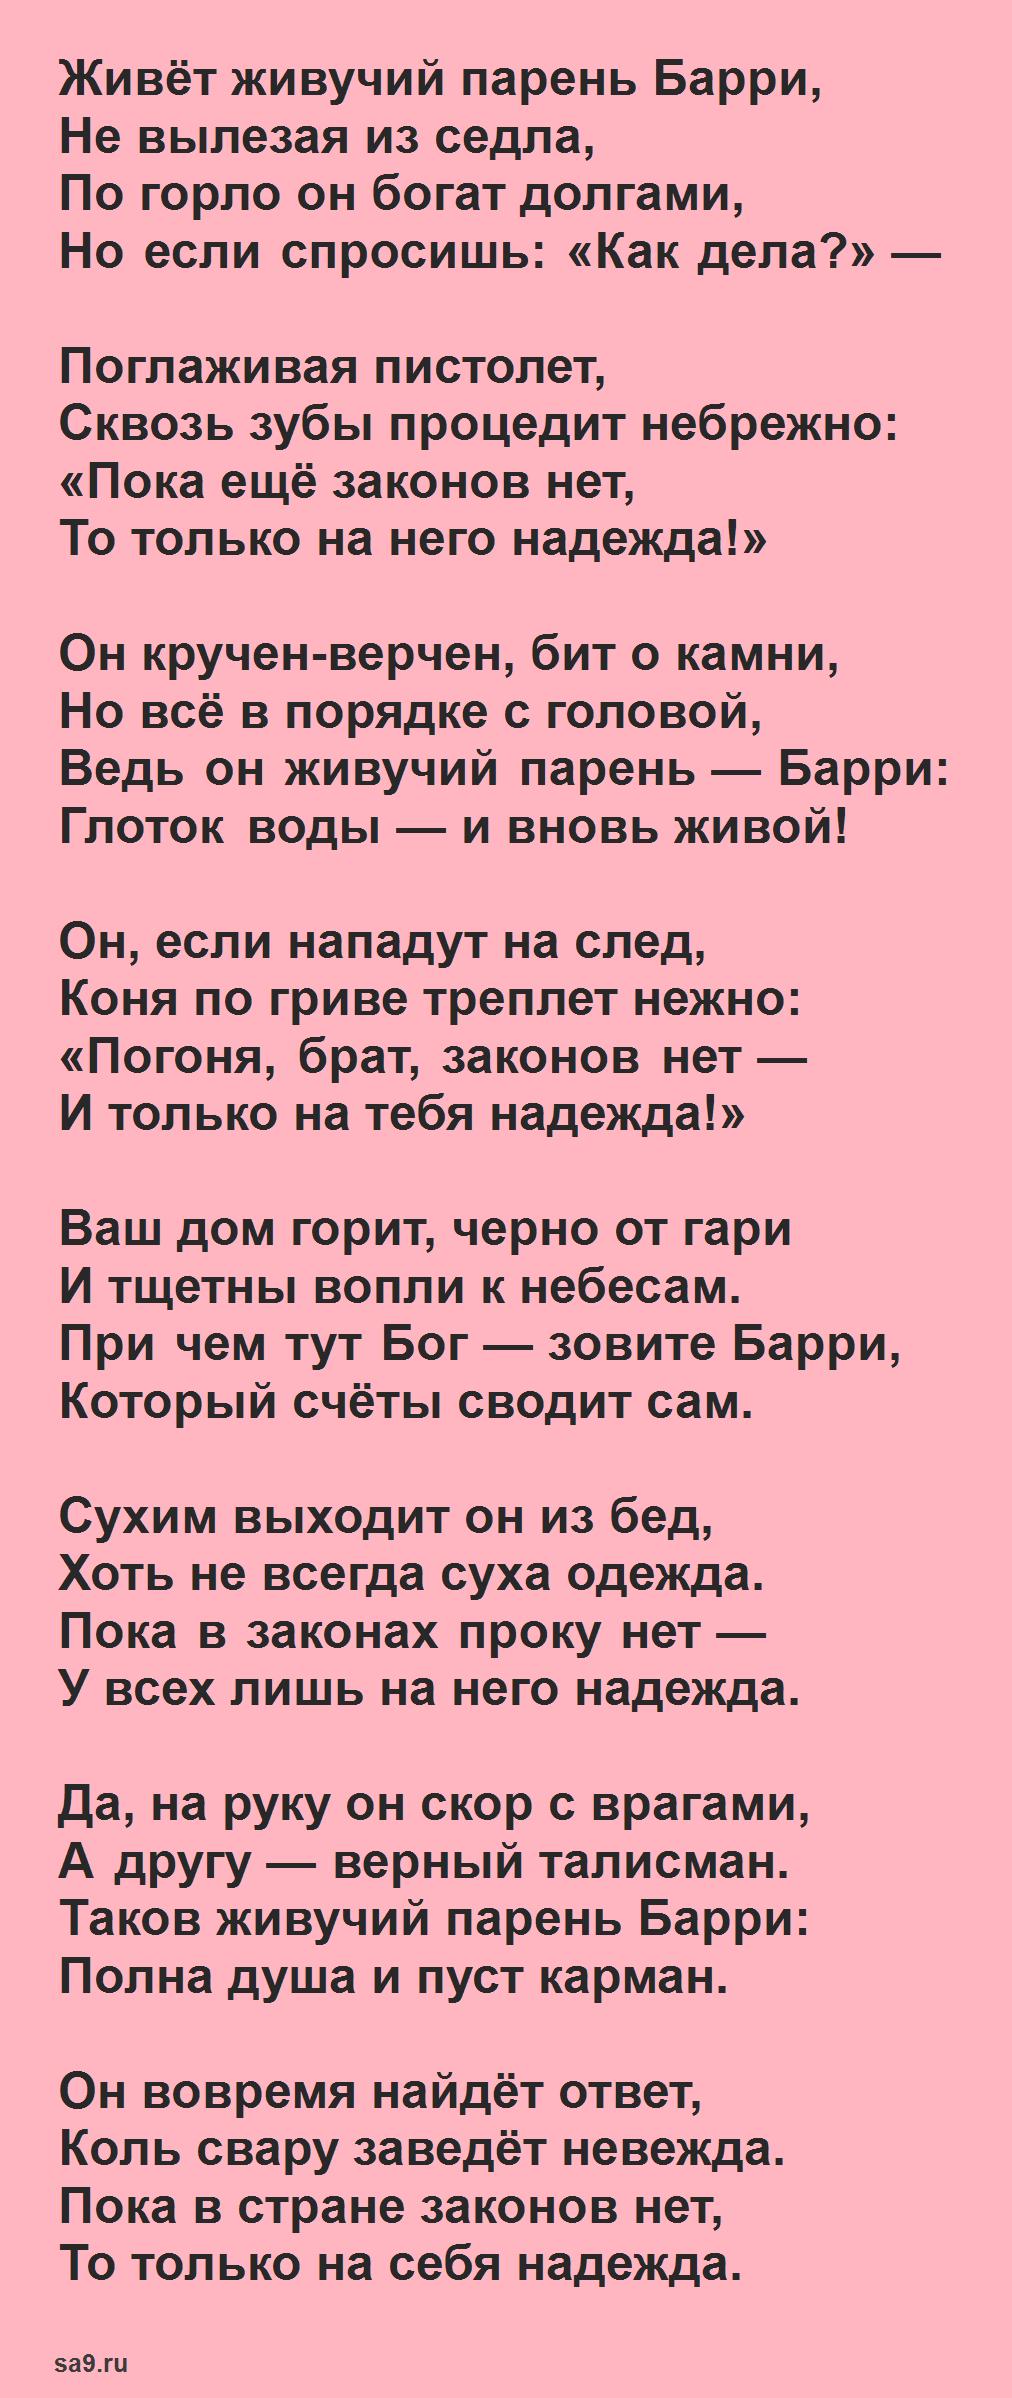 Лучшие стихи Владимира Высоцкого о жизни - Живучий парень